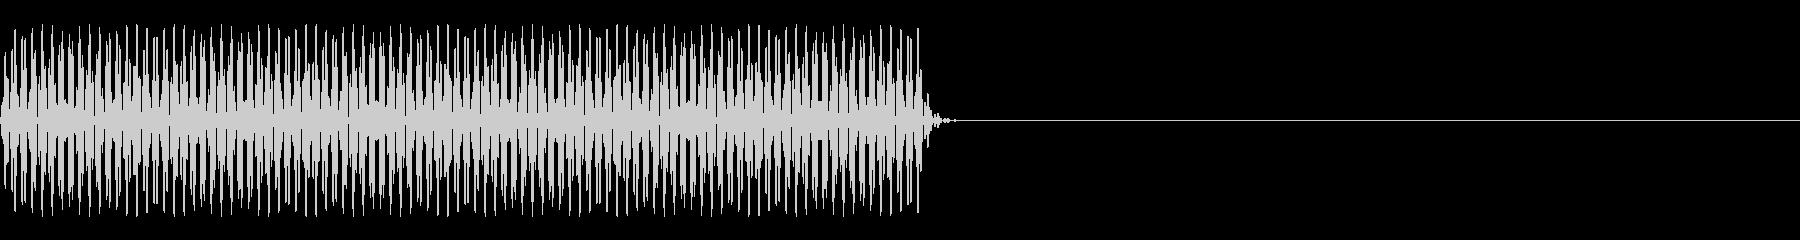 FX・SE/電話/ボタン音/海外風/#3の未再生の波形